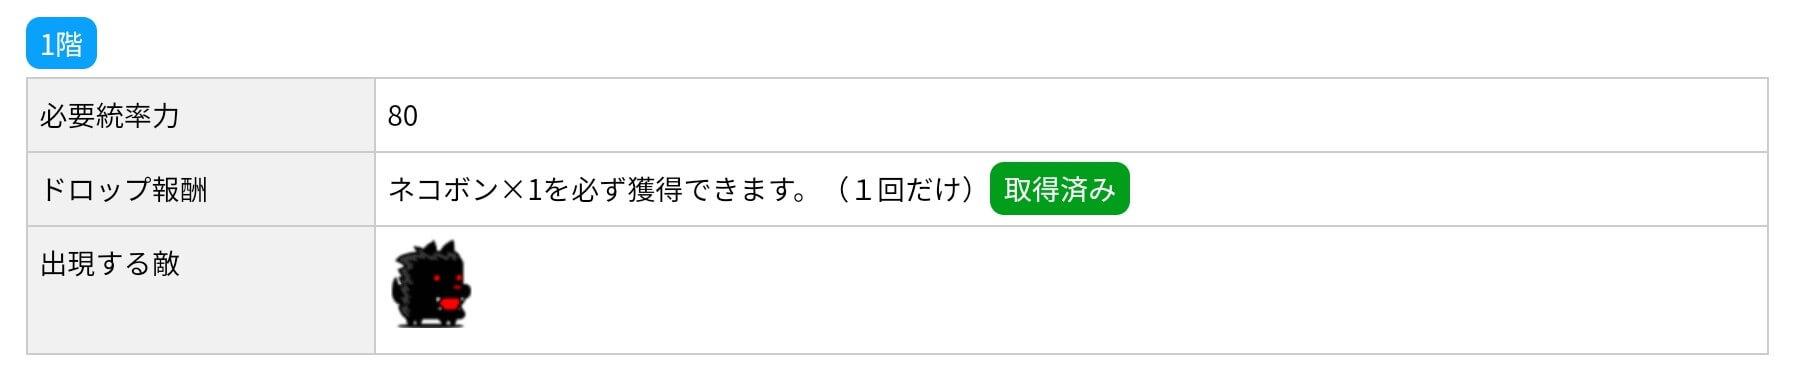 にゃんこ別塔(黒)1階 敵編成